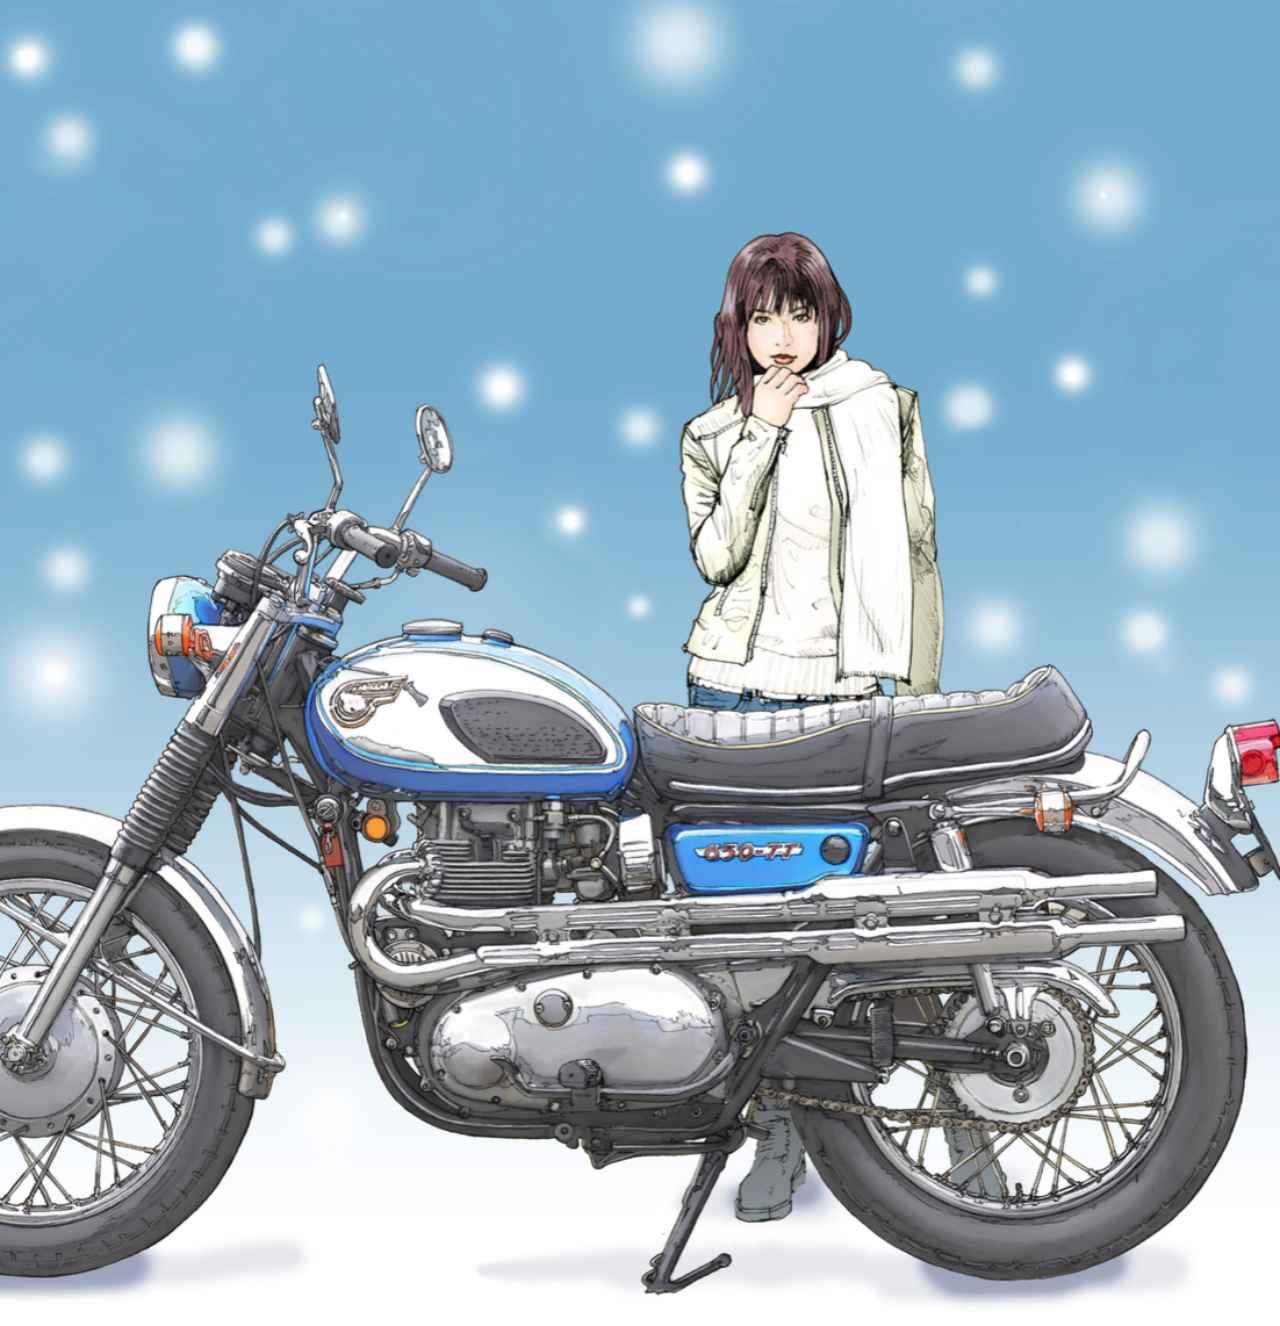 【東本昌平イラスト・美女とバイクシリーズ】冬の寒空にぽつりとたたずむ清楚美女 X Kawasaki W2tt